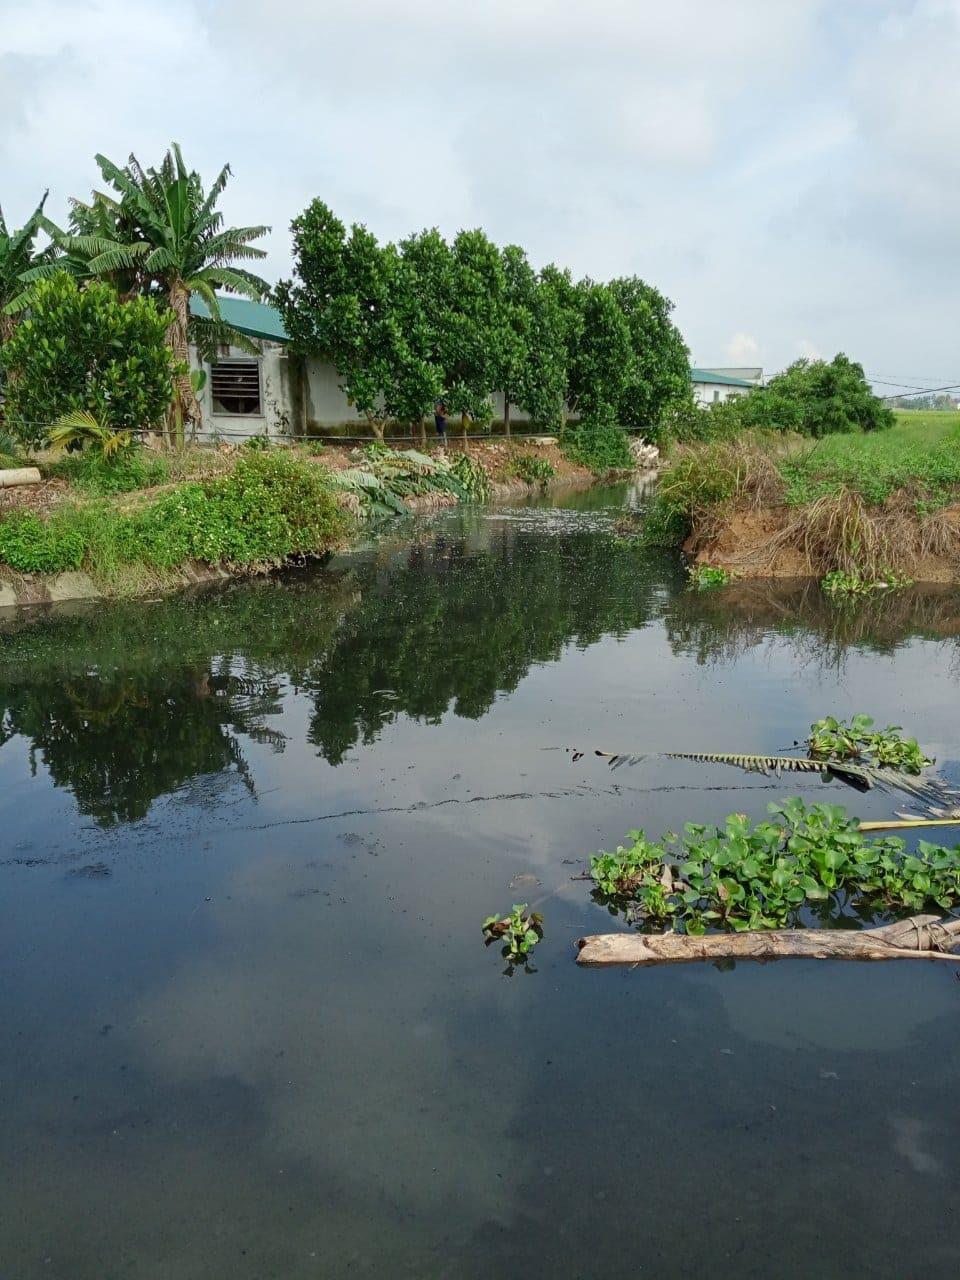 Hải Phòng: 8 trại lợn thi nhau xả thải, phân đặc kín dòng kênh - Ảnh 5.